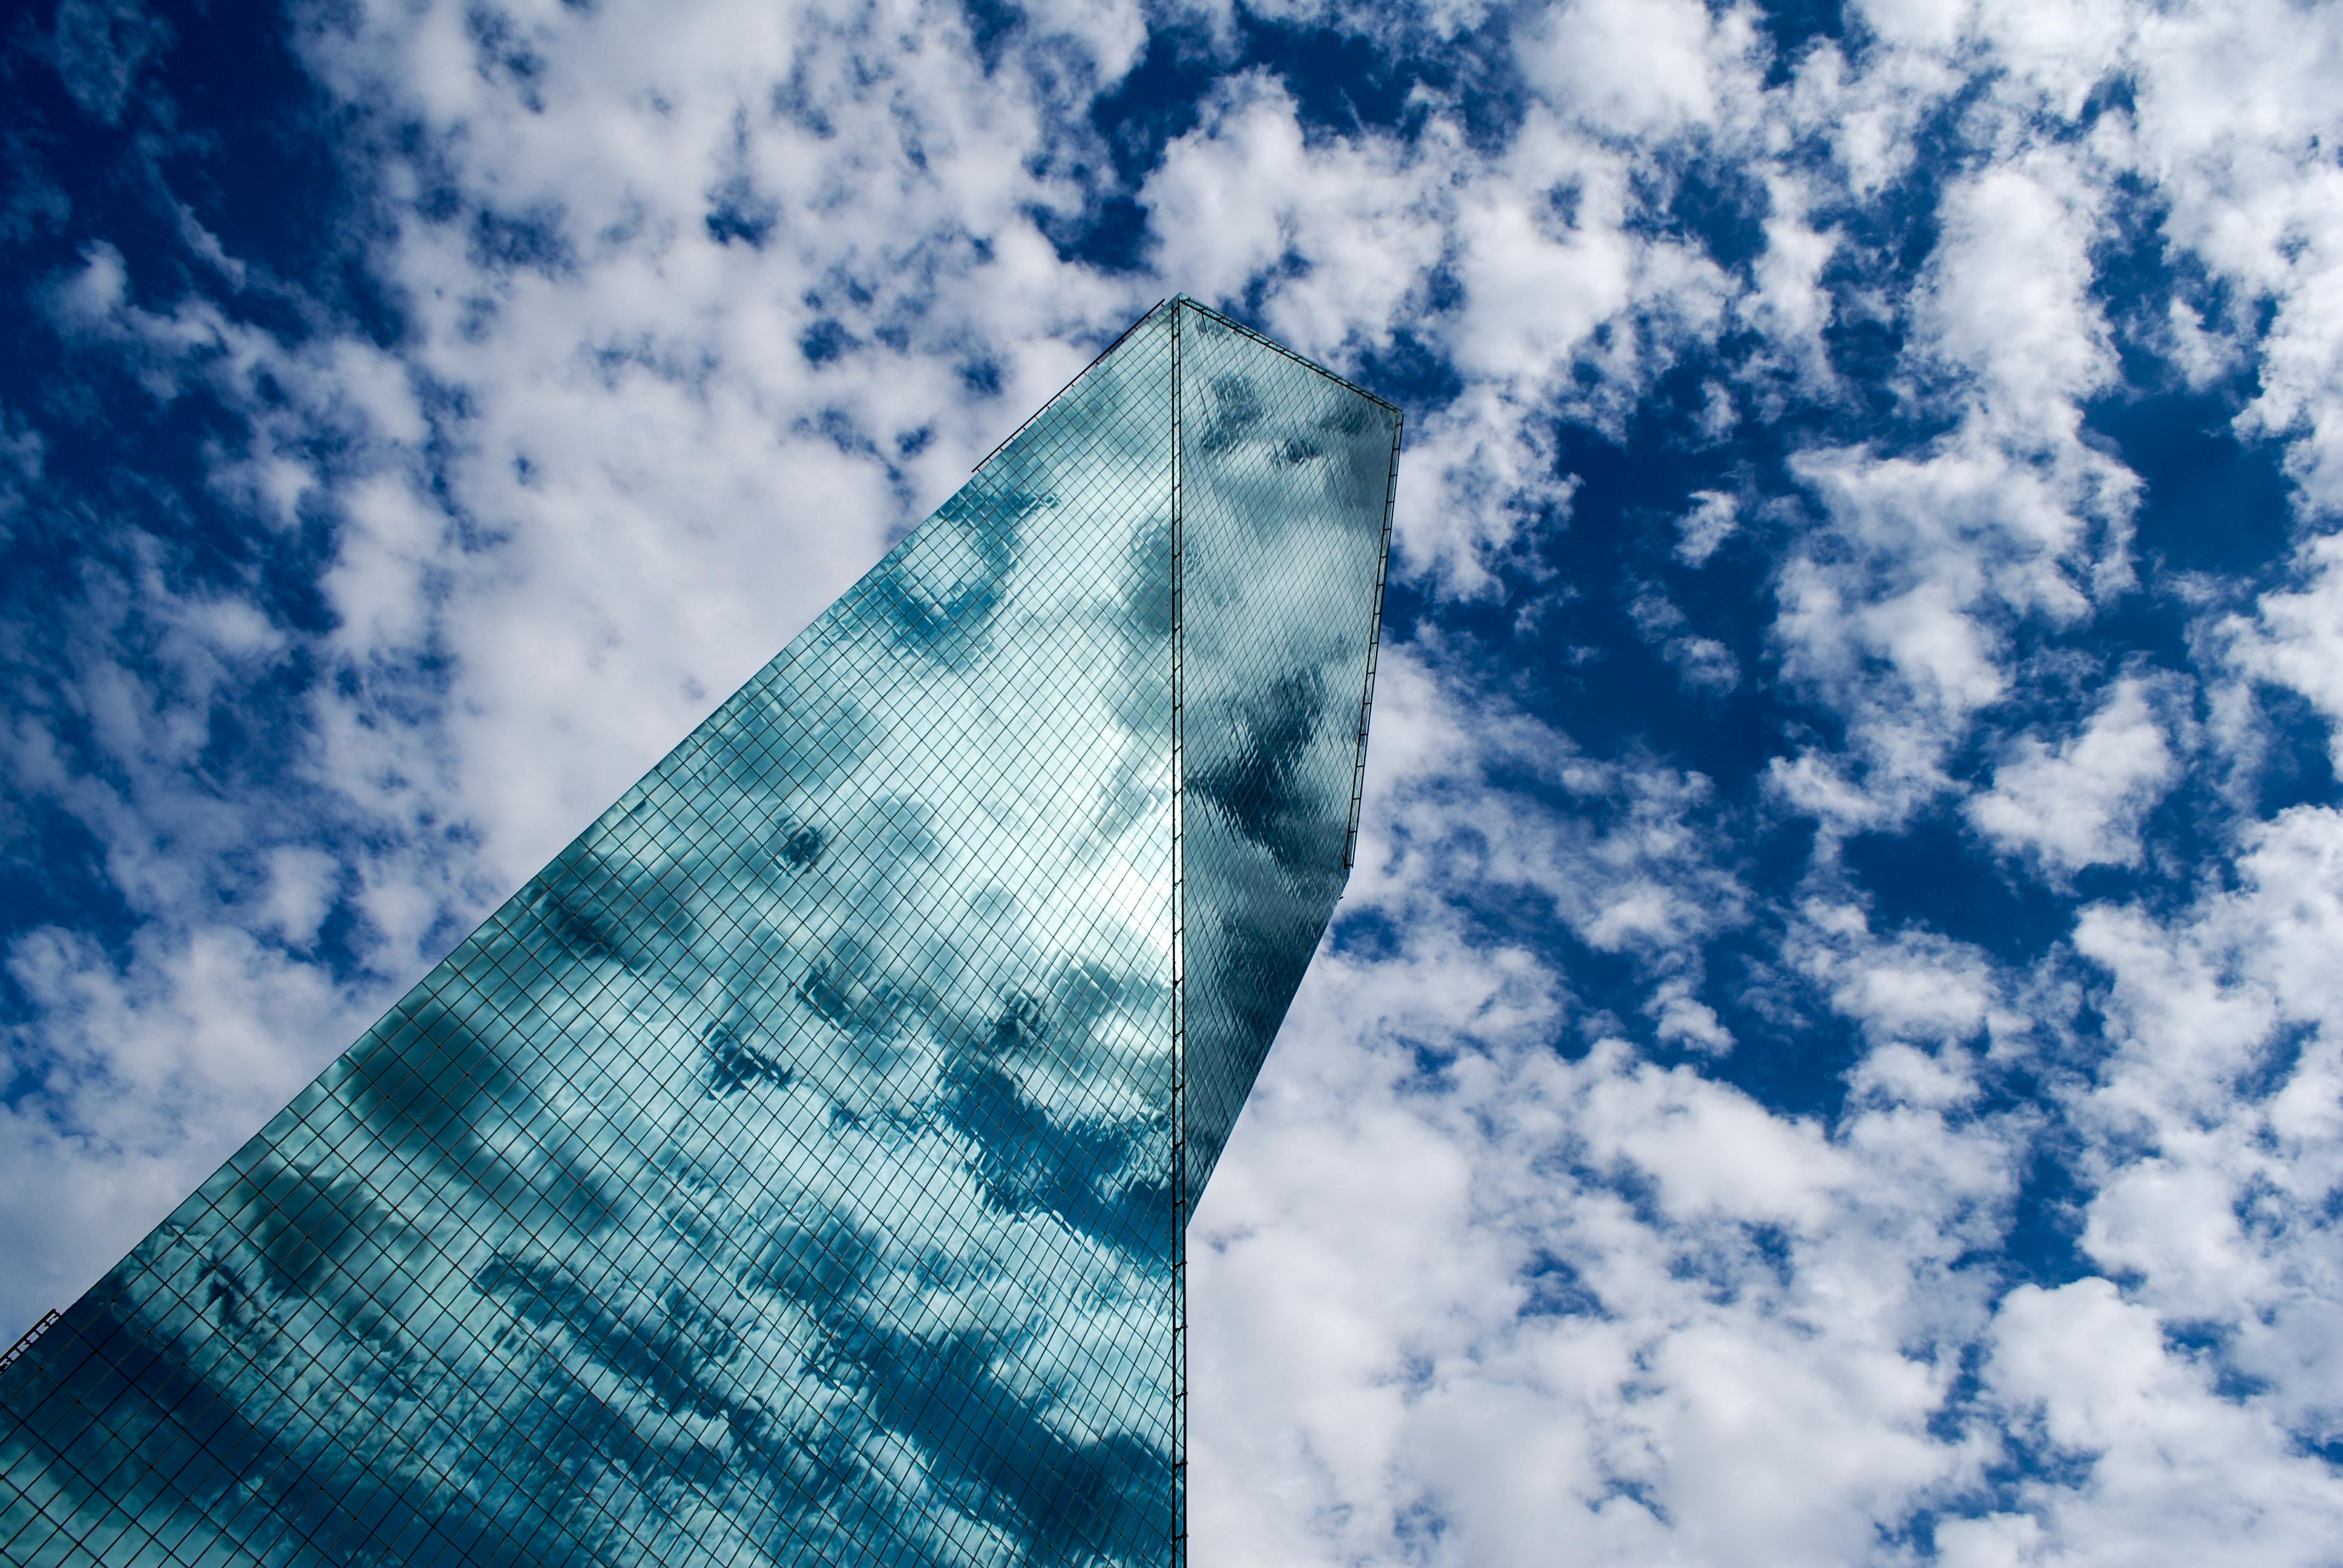 Nikola Olic I.M. Pei architecture photographs